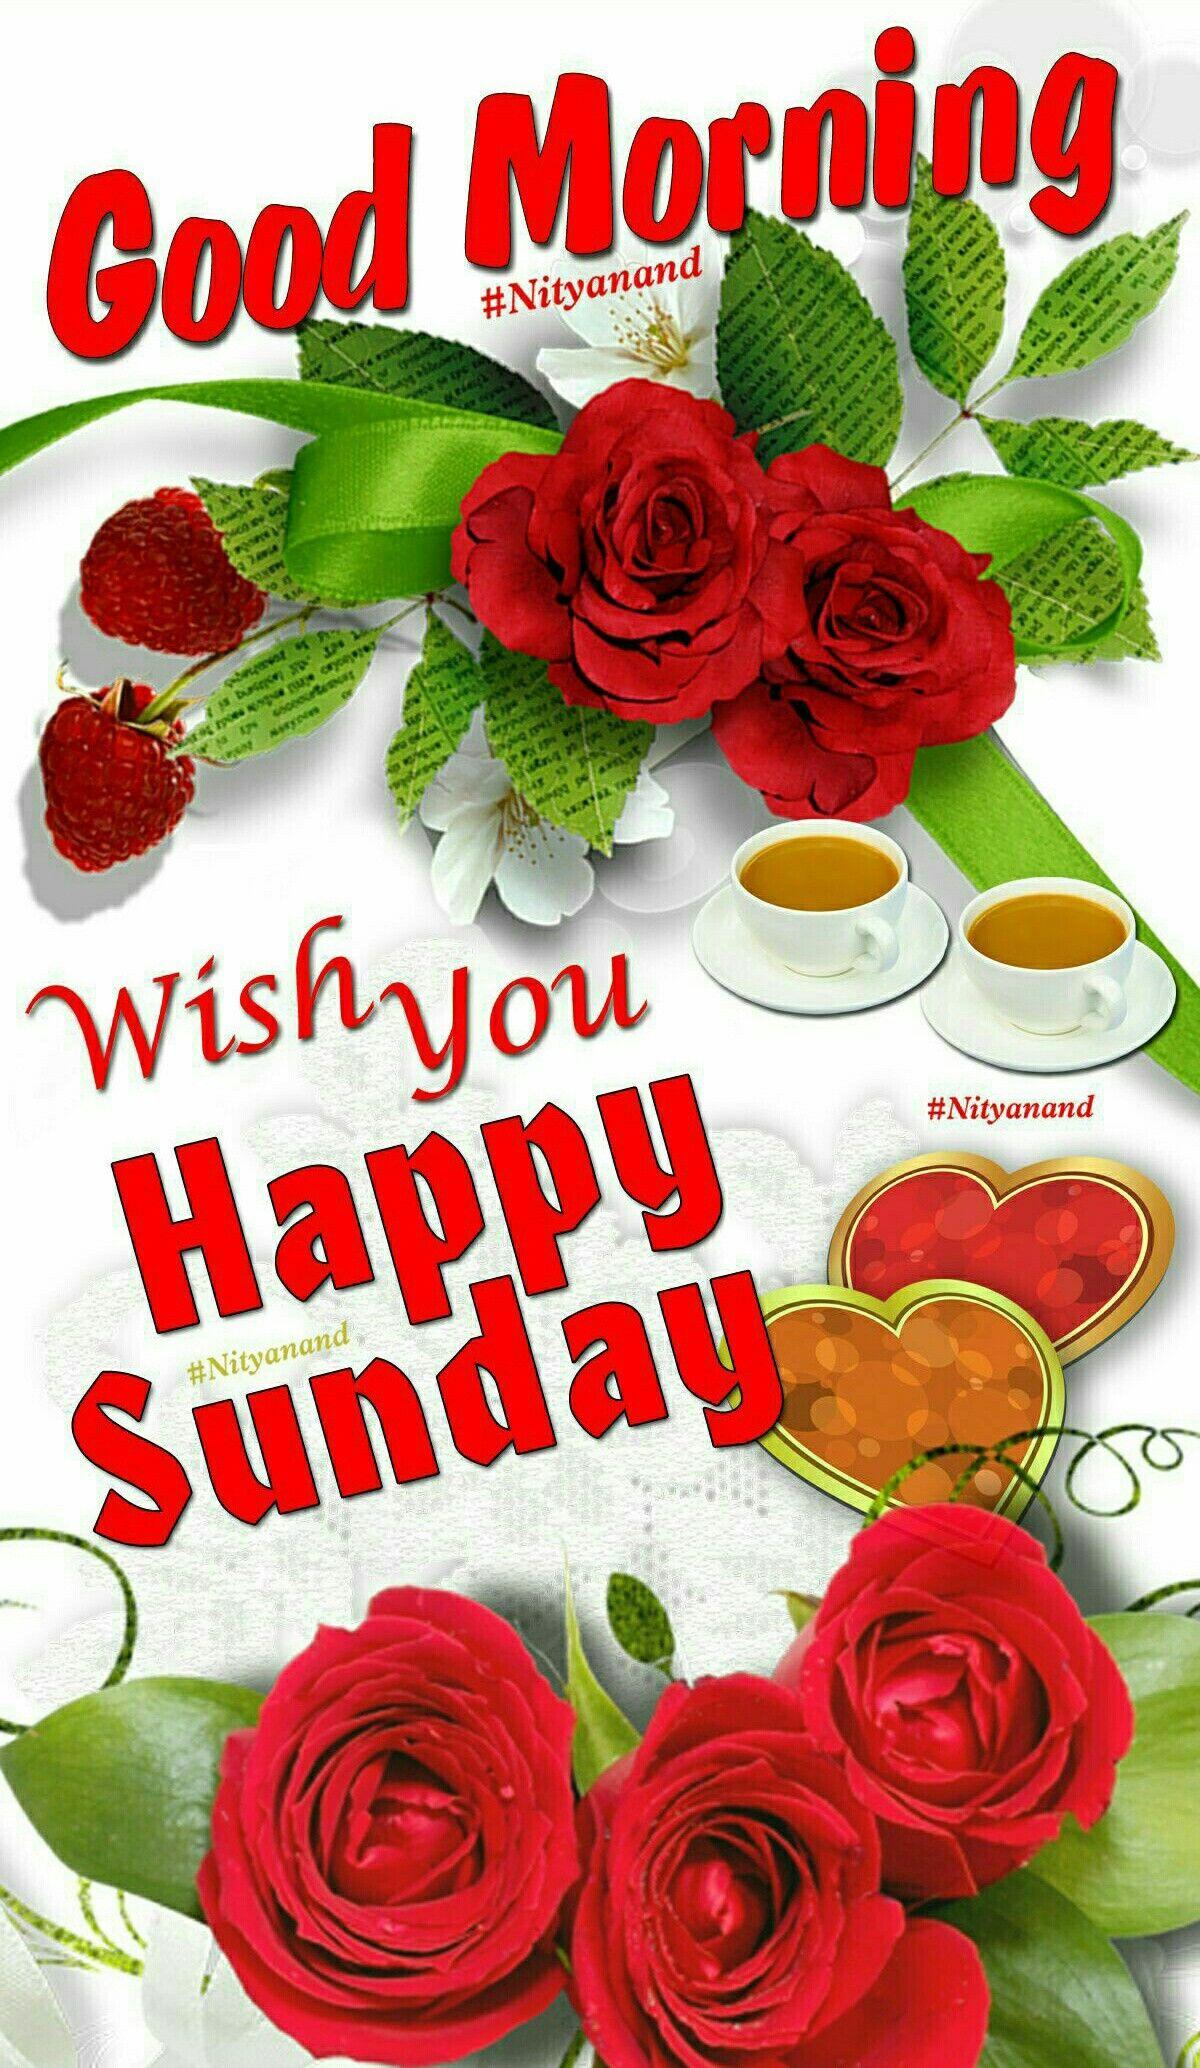 Good Morning Happy Sunday Images